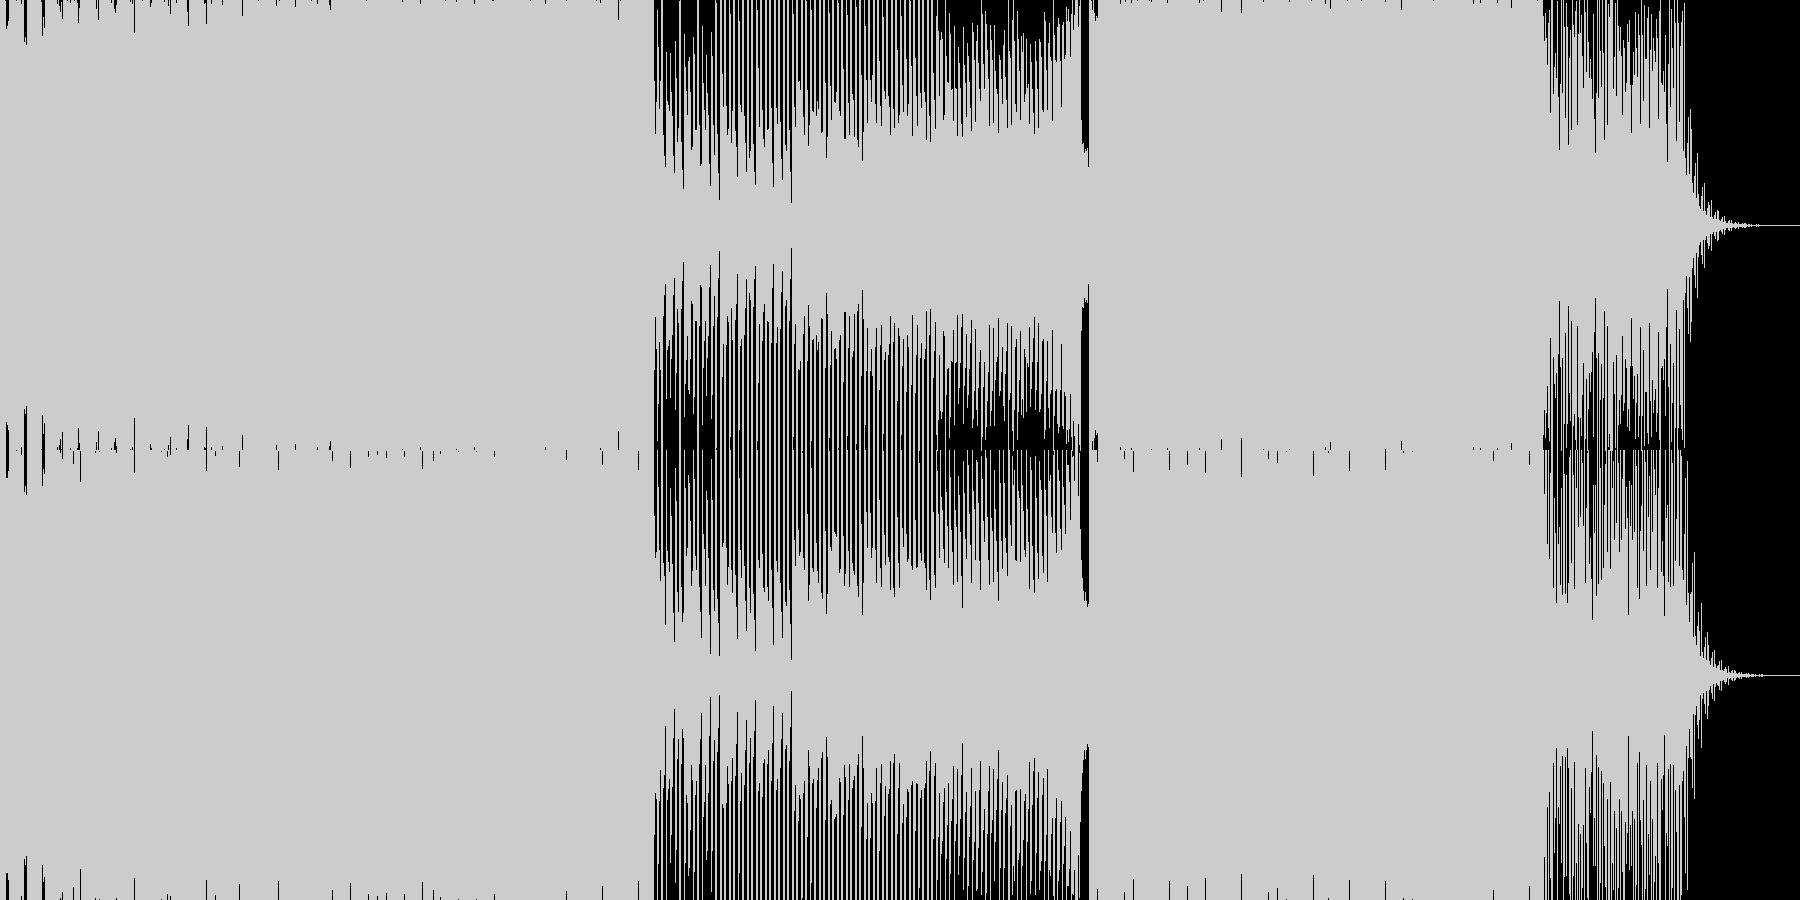 切ないエレクトロミュージック 氷ステージの未再生の波形